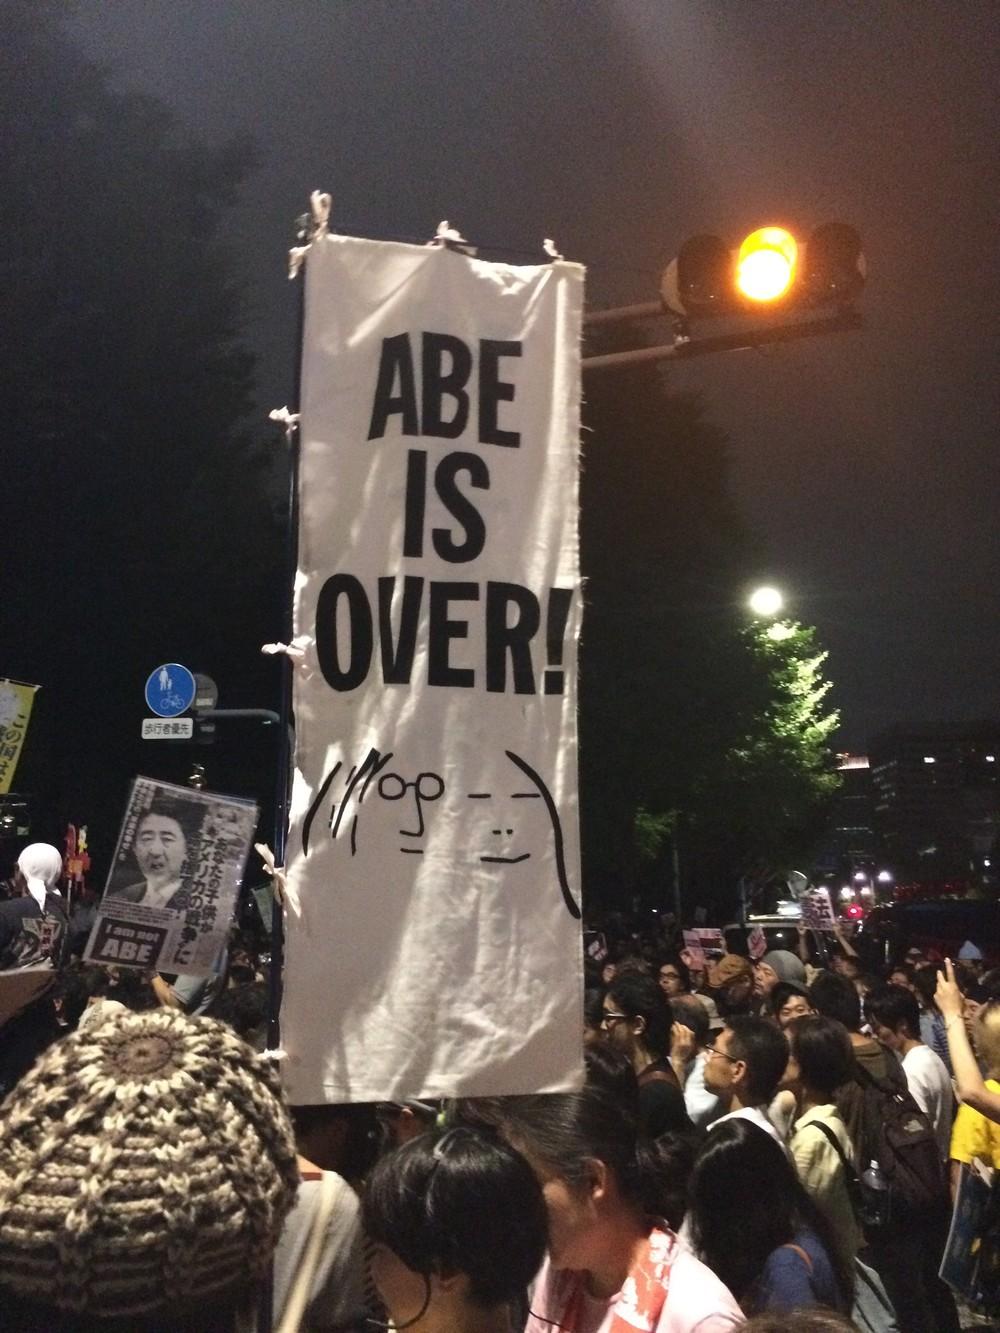 デモに参加すると「就活が不利になる」 SNSや掲示板で拡散する話は本当なのか